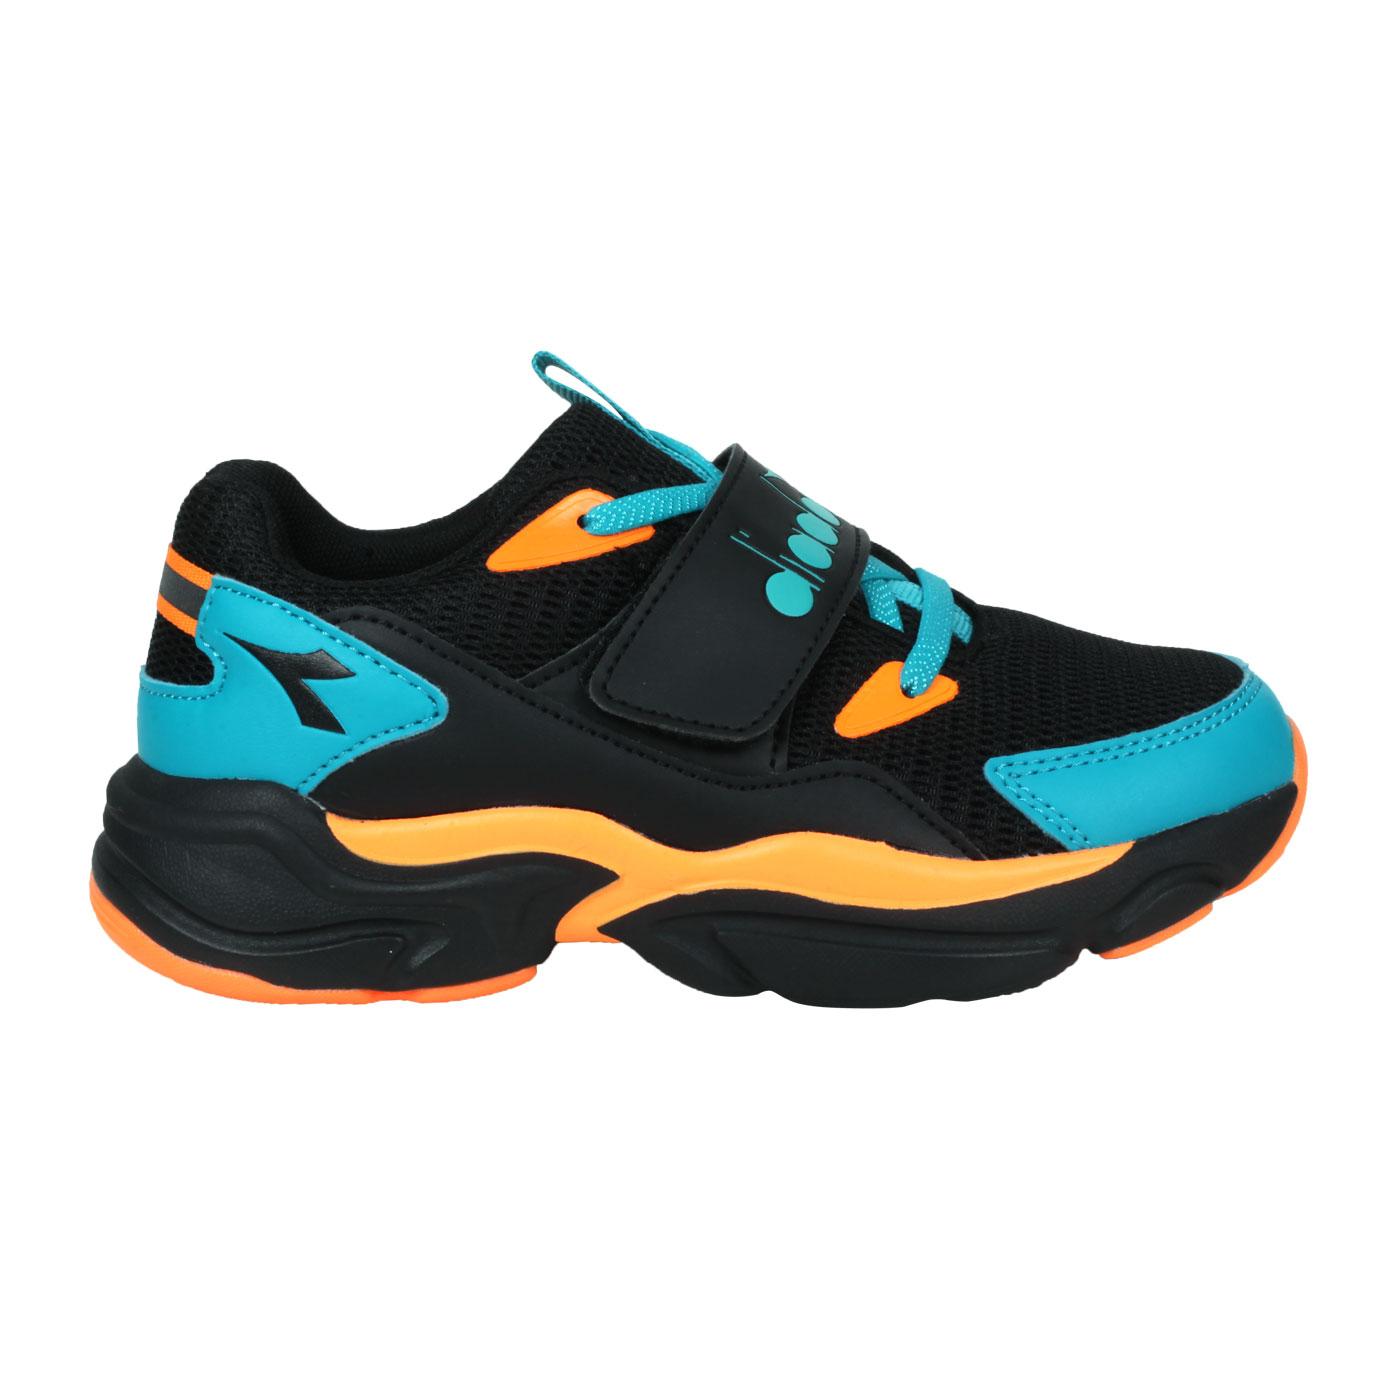 DIADORA 中童運動鞋-超寬楦 DA11023 - 黑橘藍